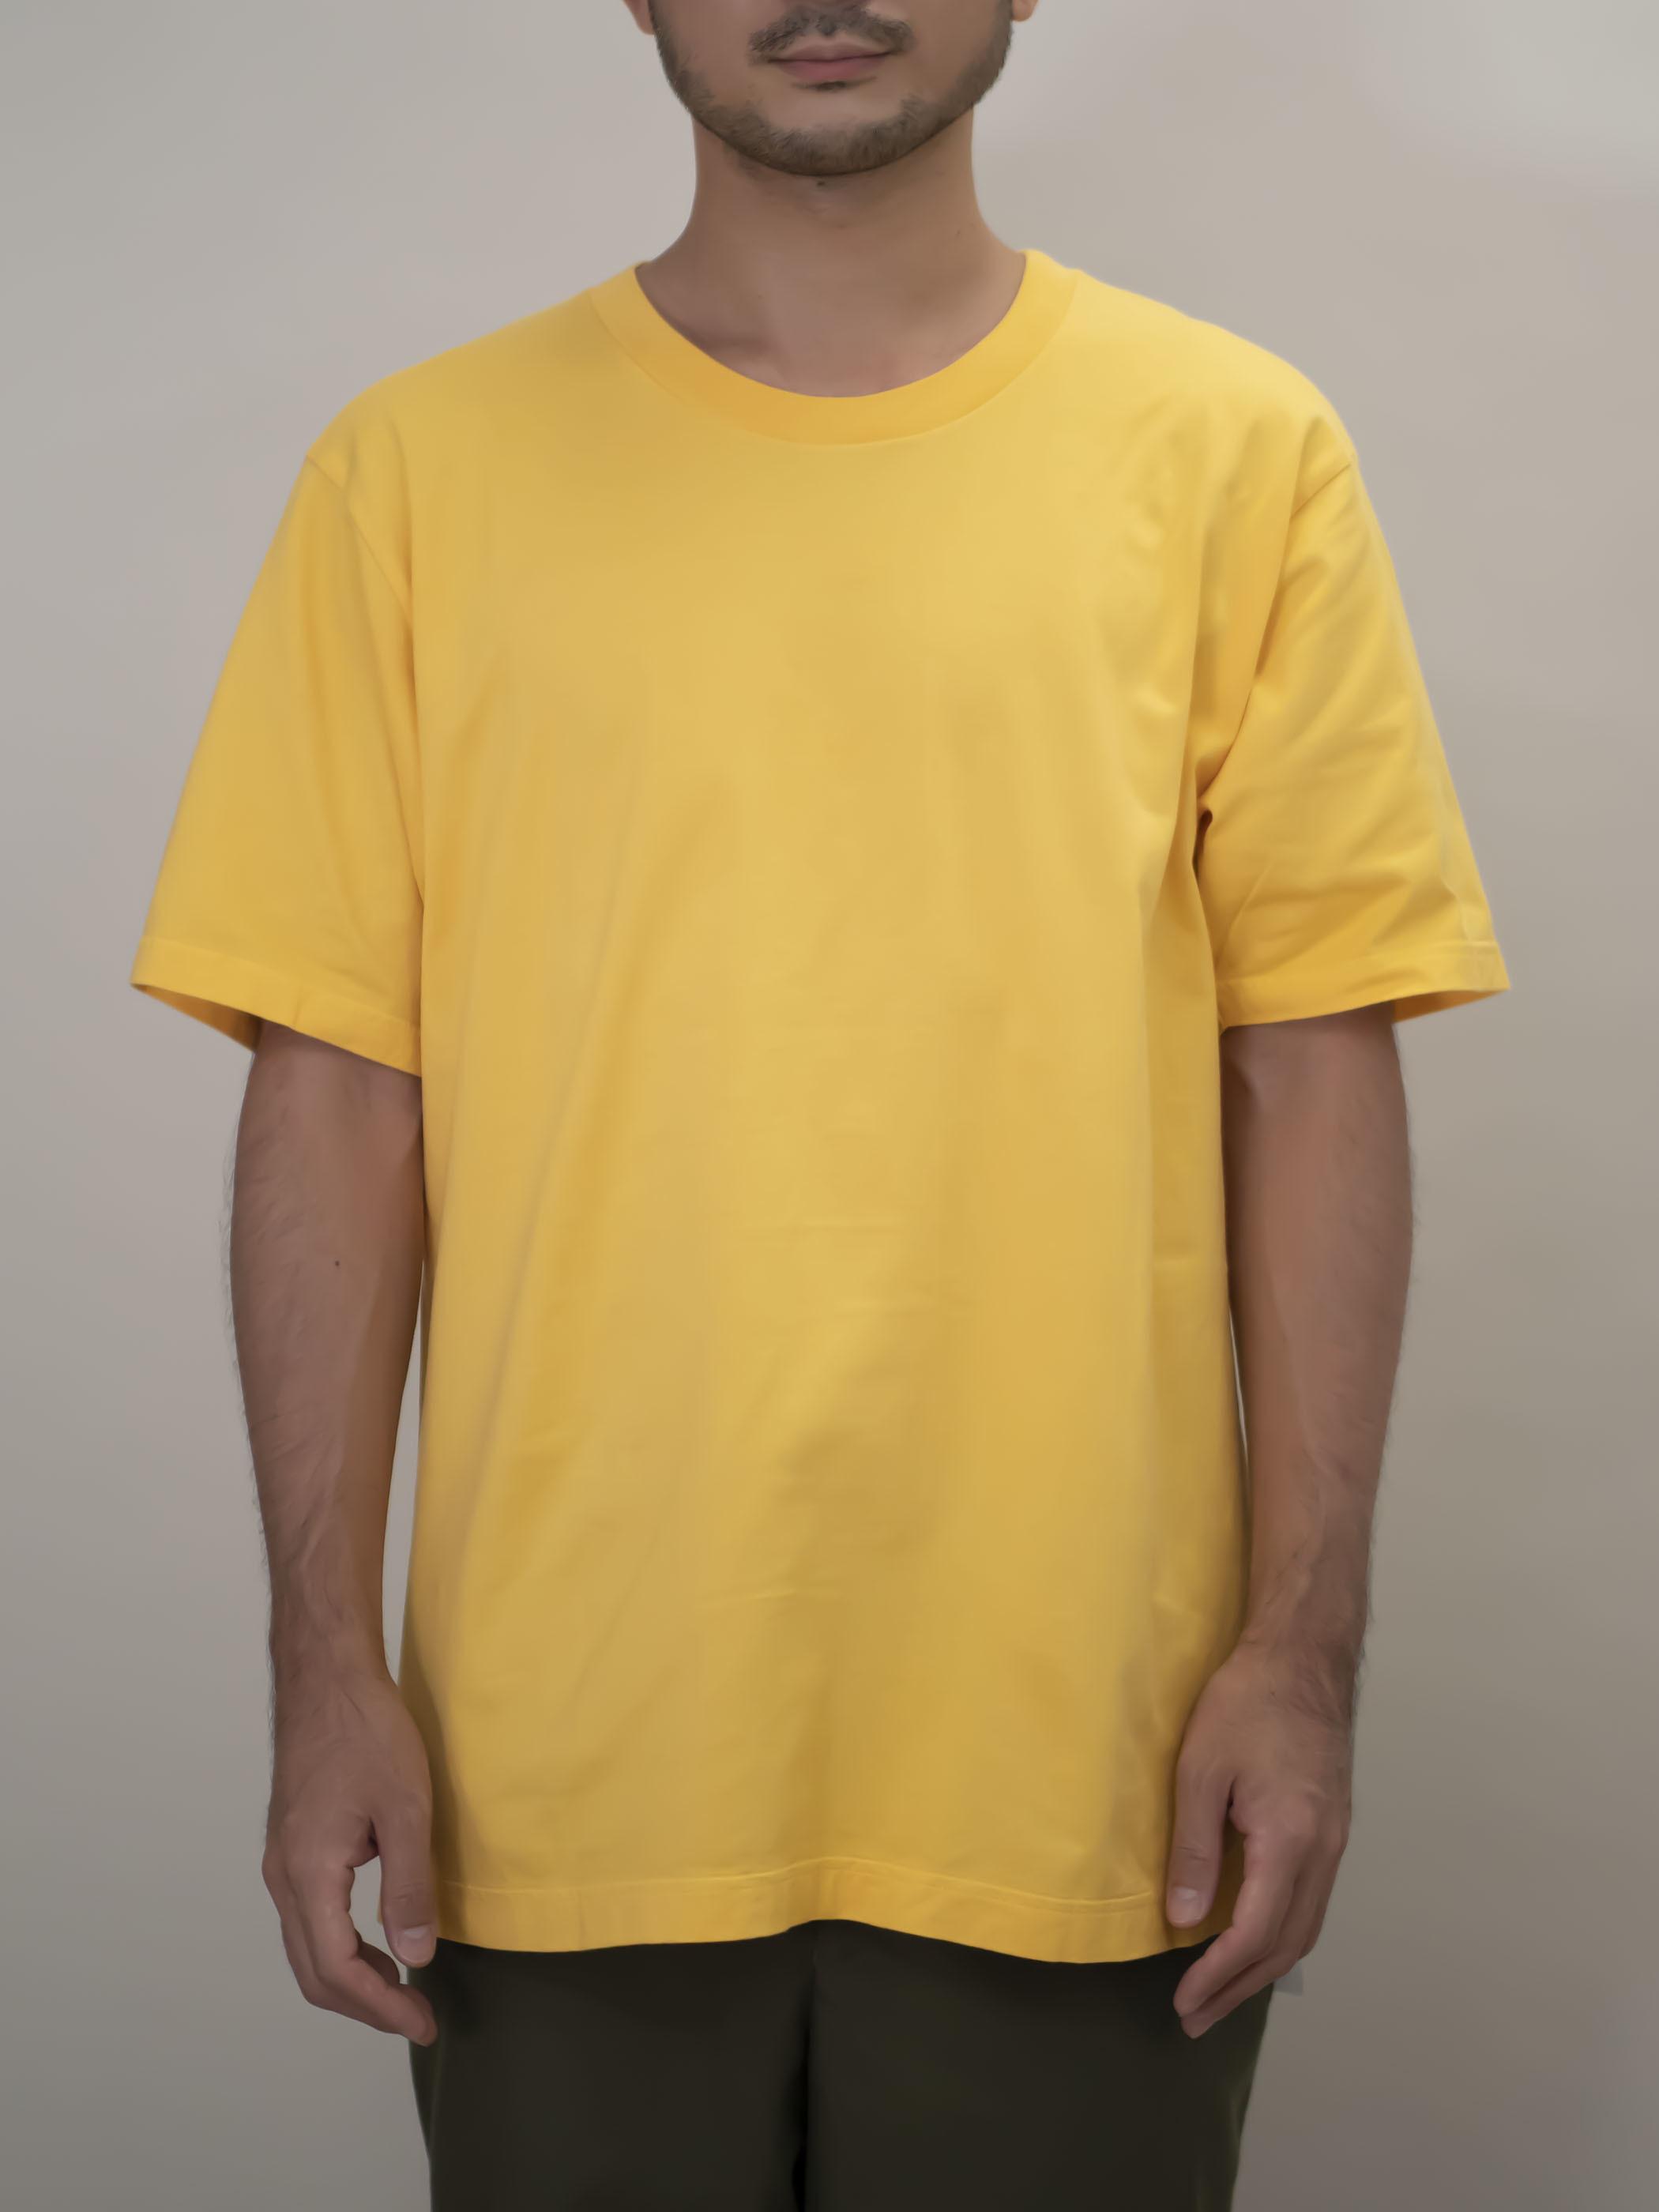 丸胴Tシャツ #10ジンジャー(ベージュ)